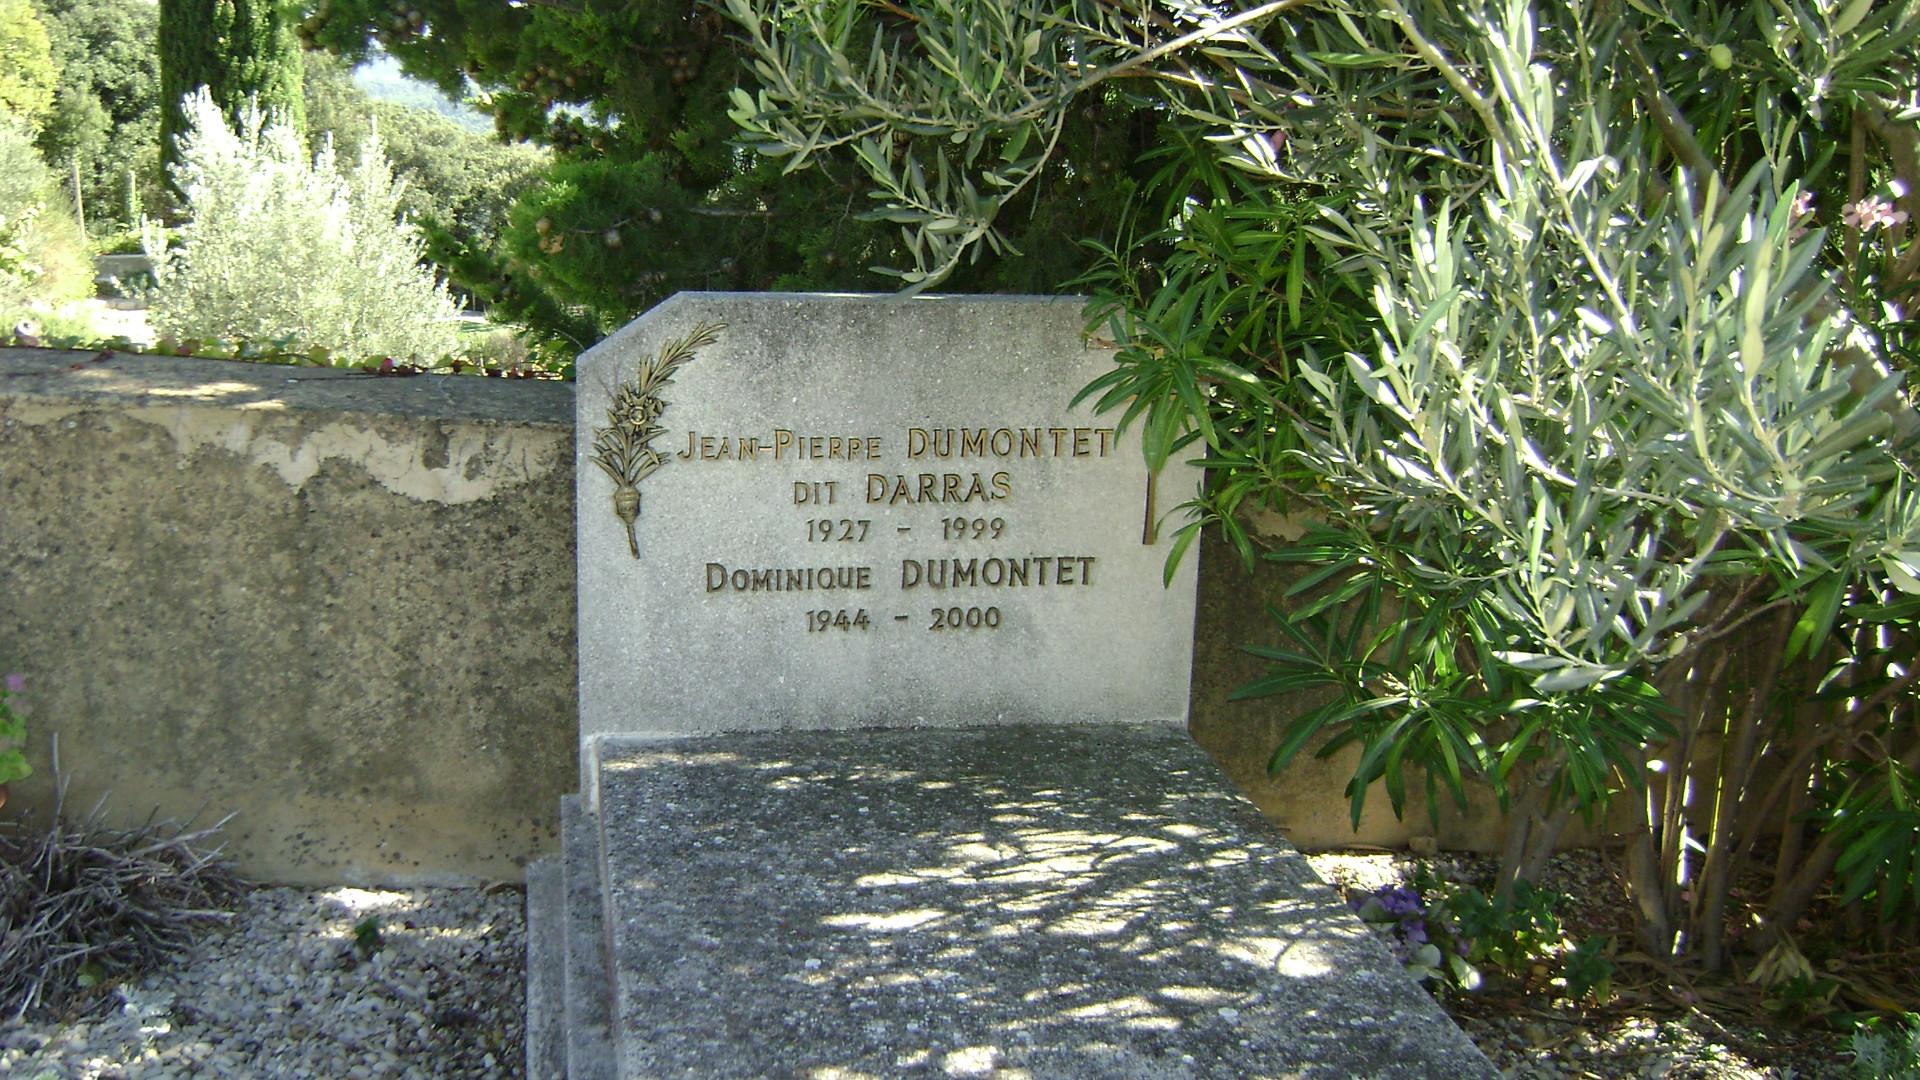 Photo Jean-Pierre Darras via Opendata BNF